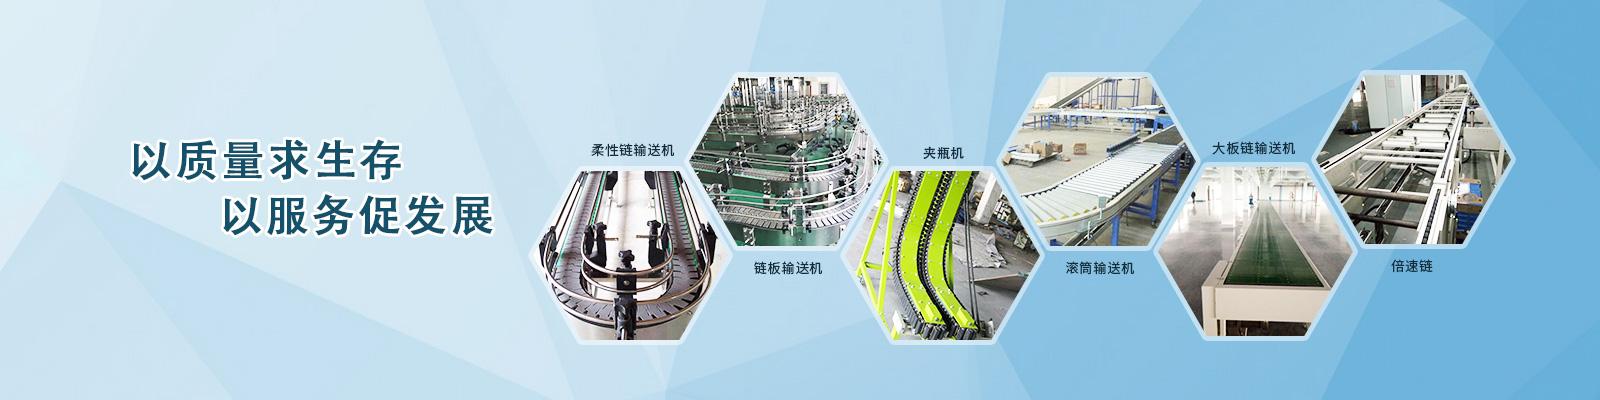 上海诗安输送设备有限公司